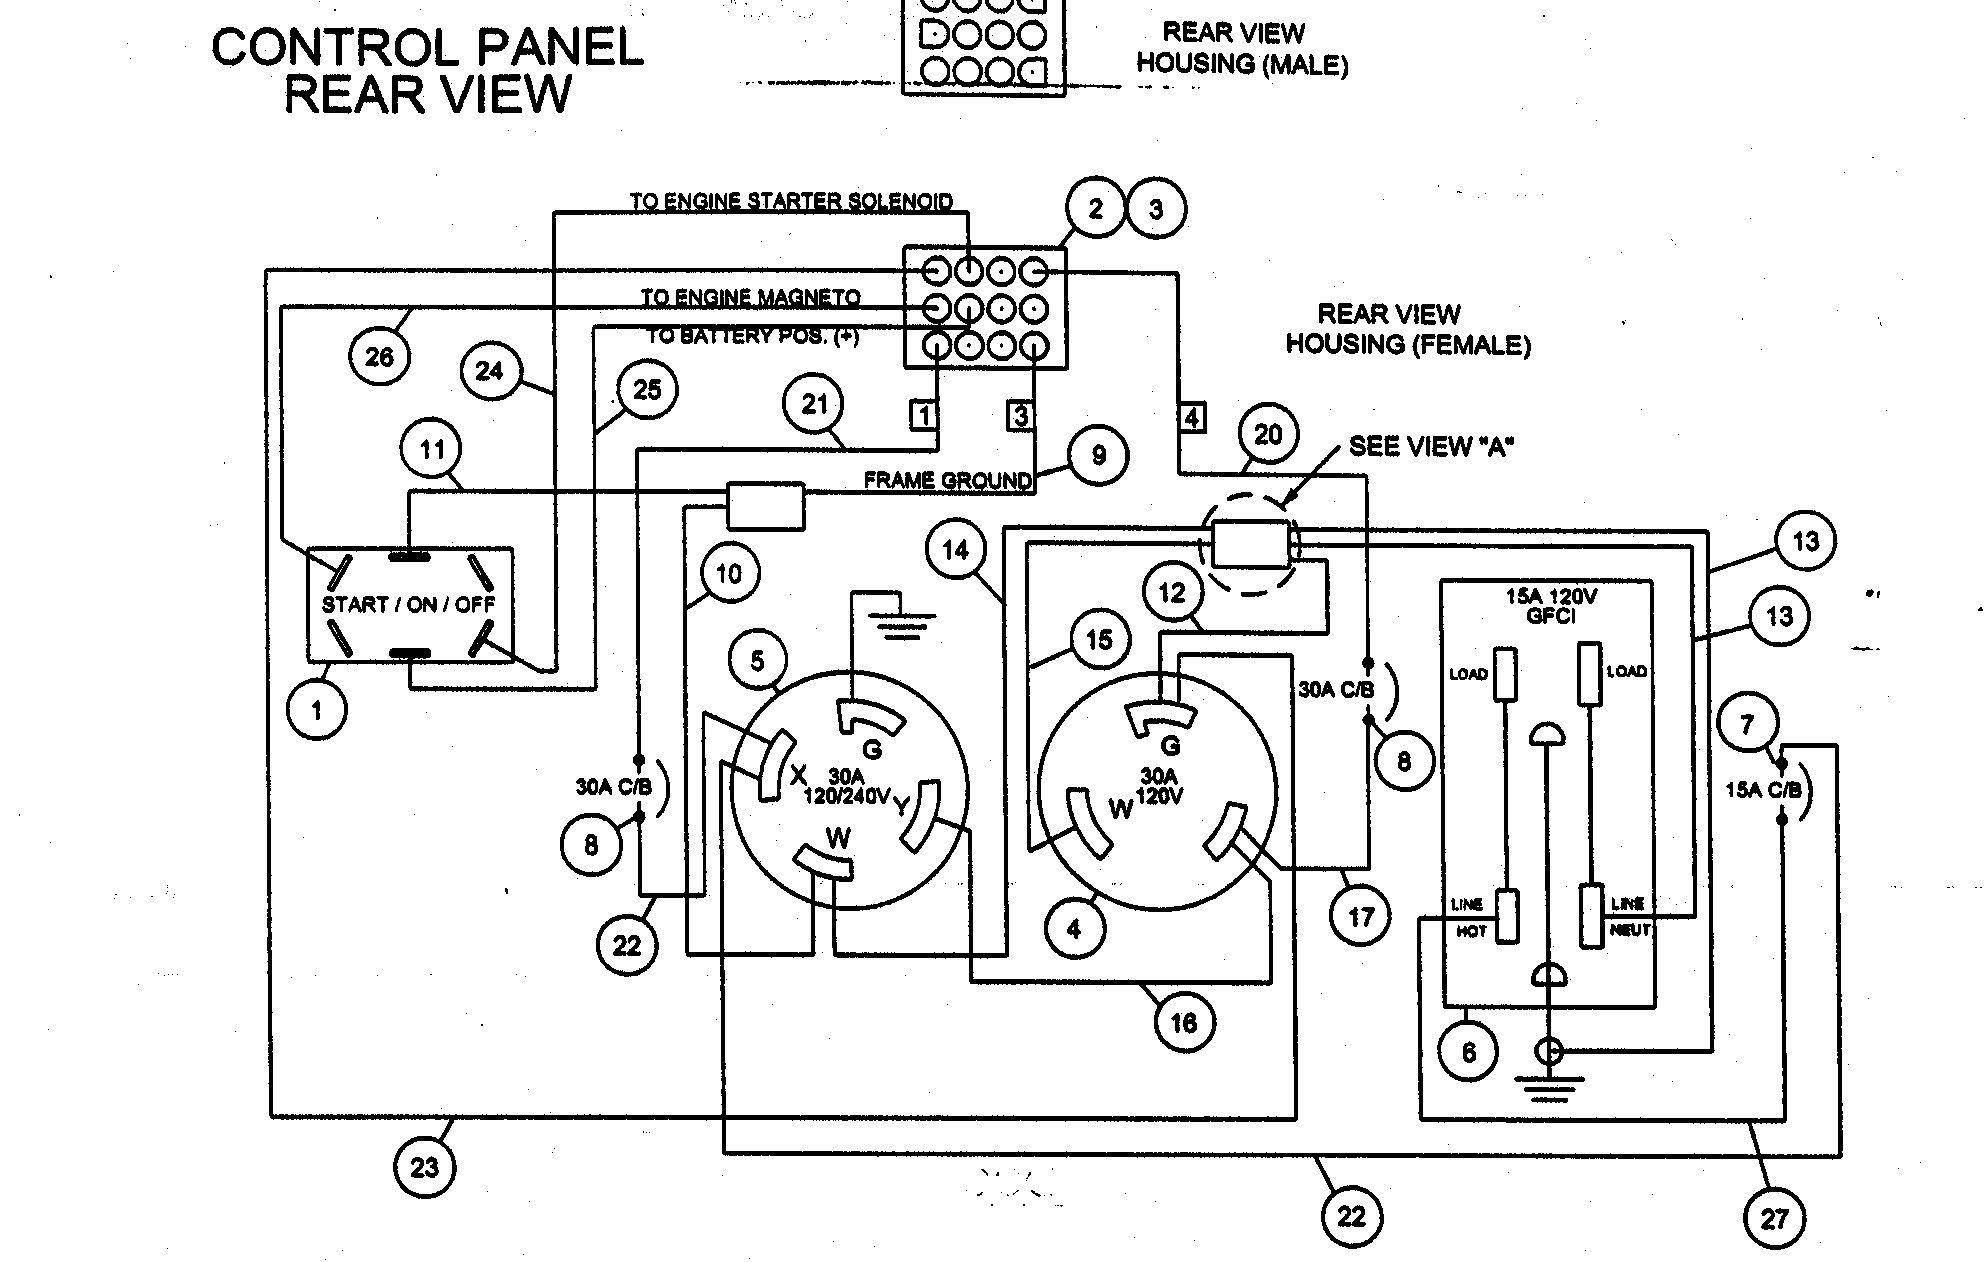 New Wiring Diagram For Kipor Generator  Diagram  Diagramsample  Diagramtemplate  Wiringdiagram